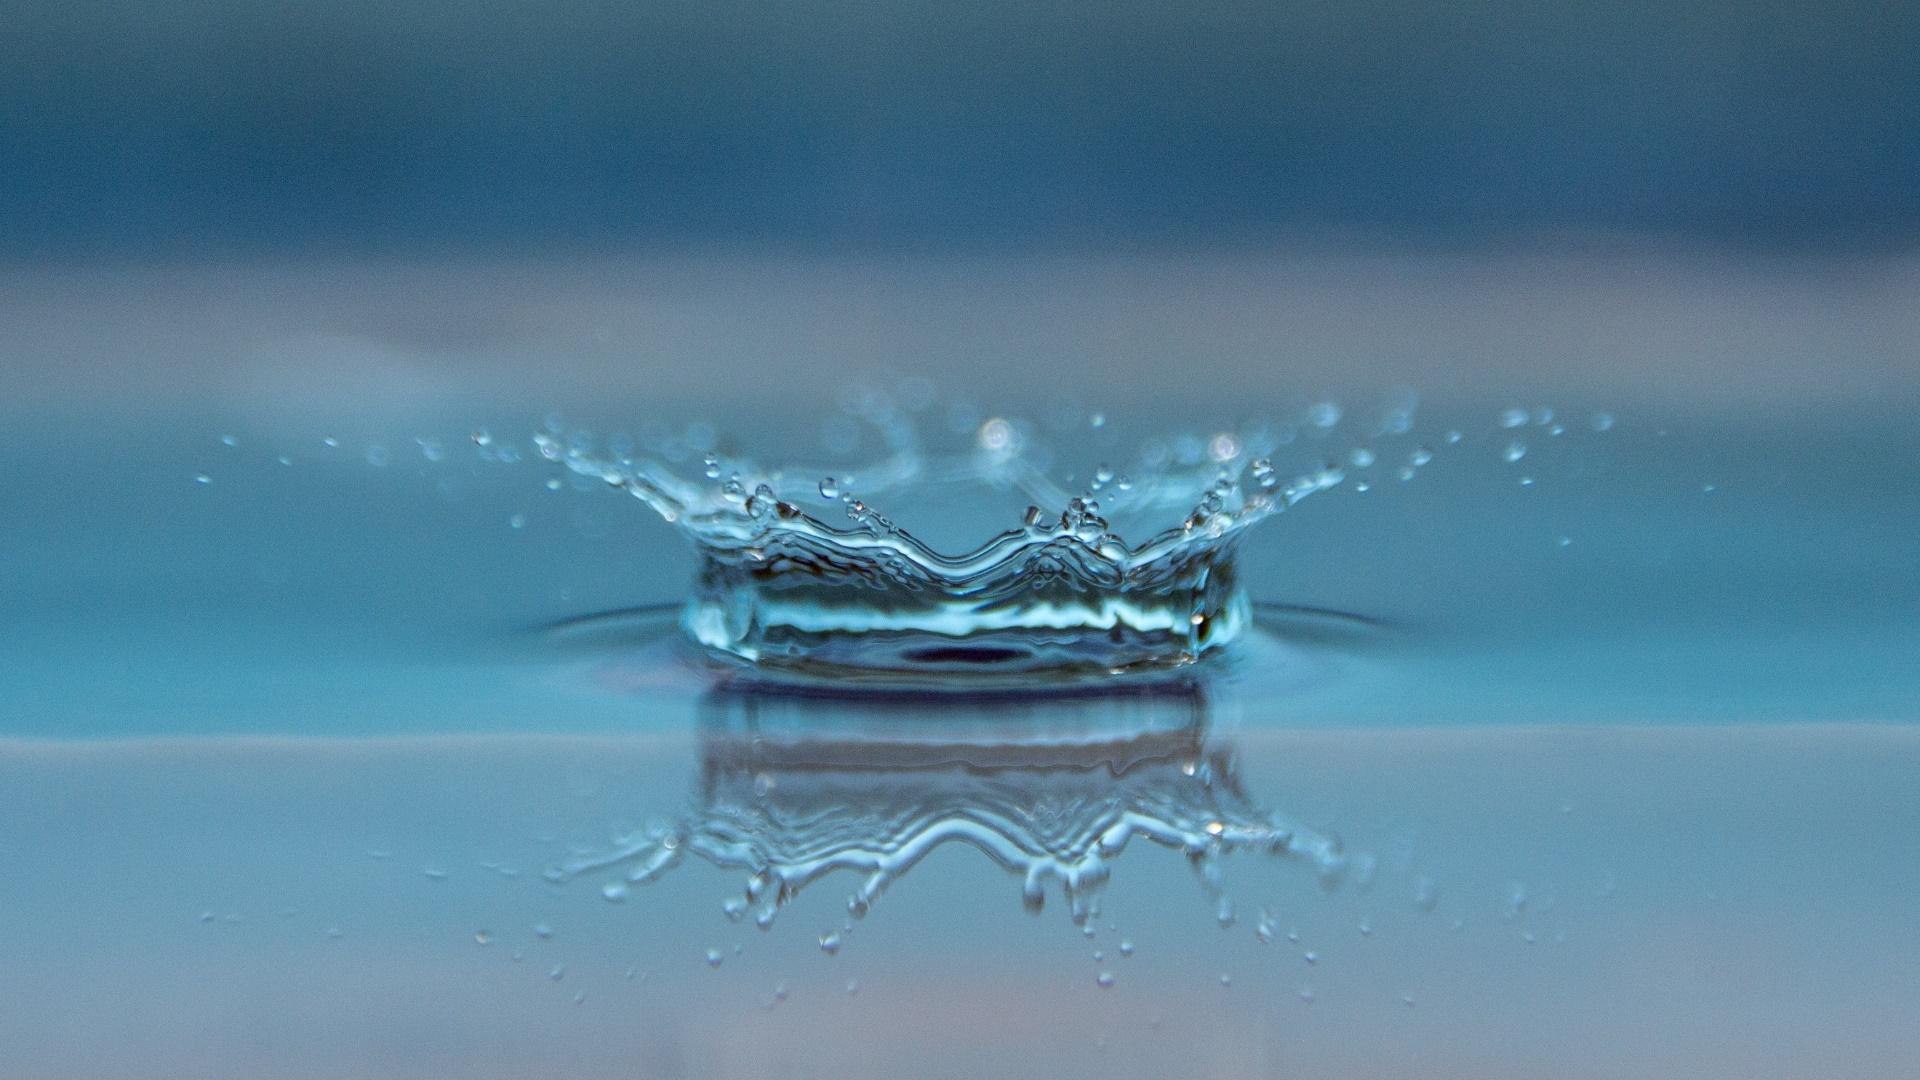 Big Drop Splash wallpaper